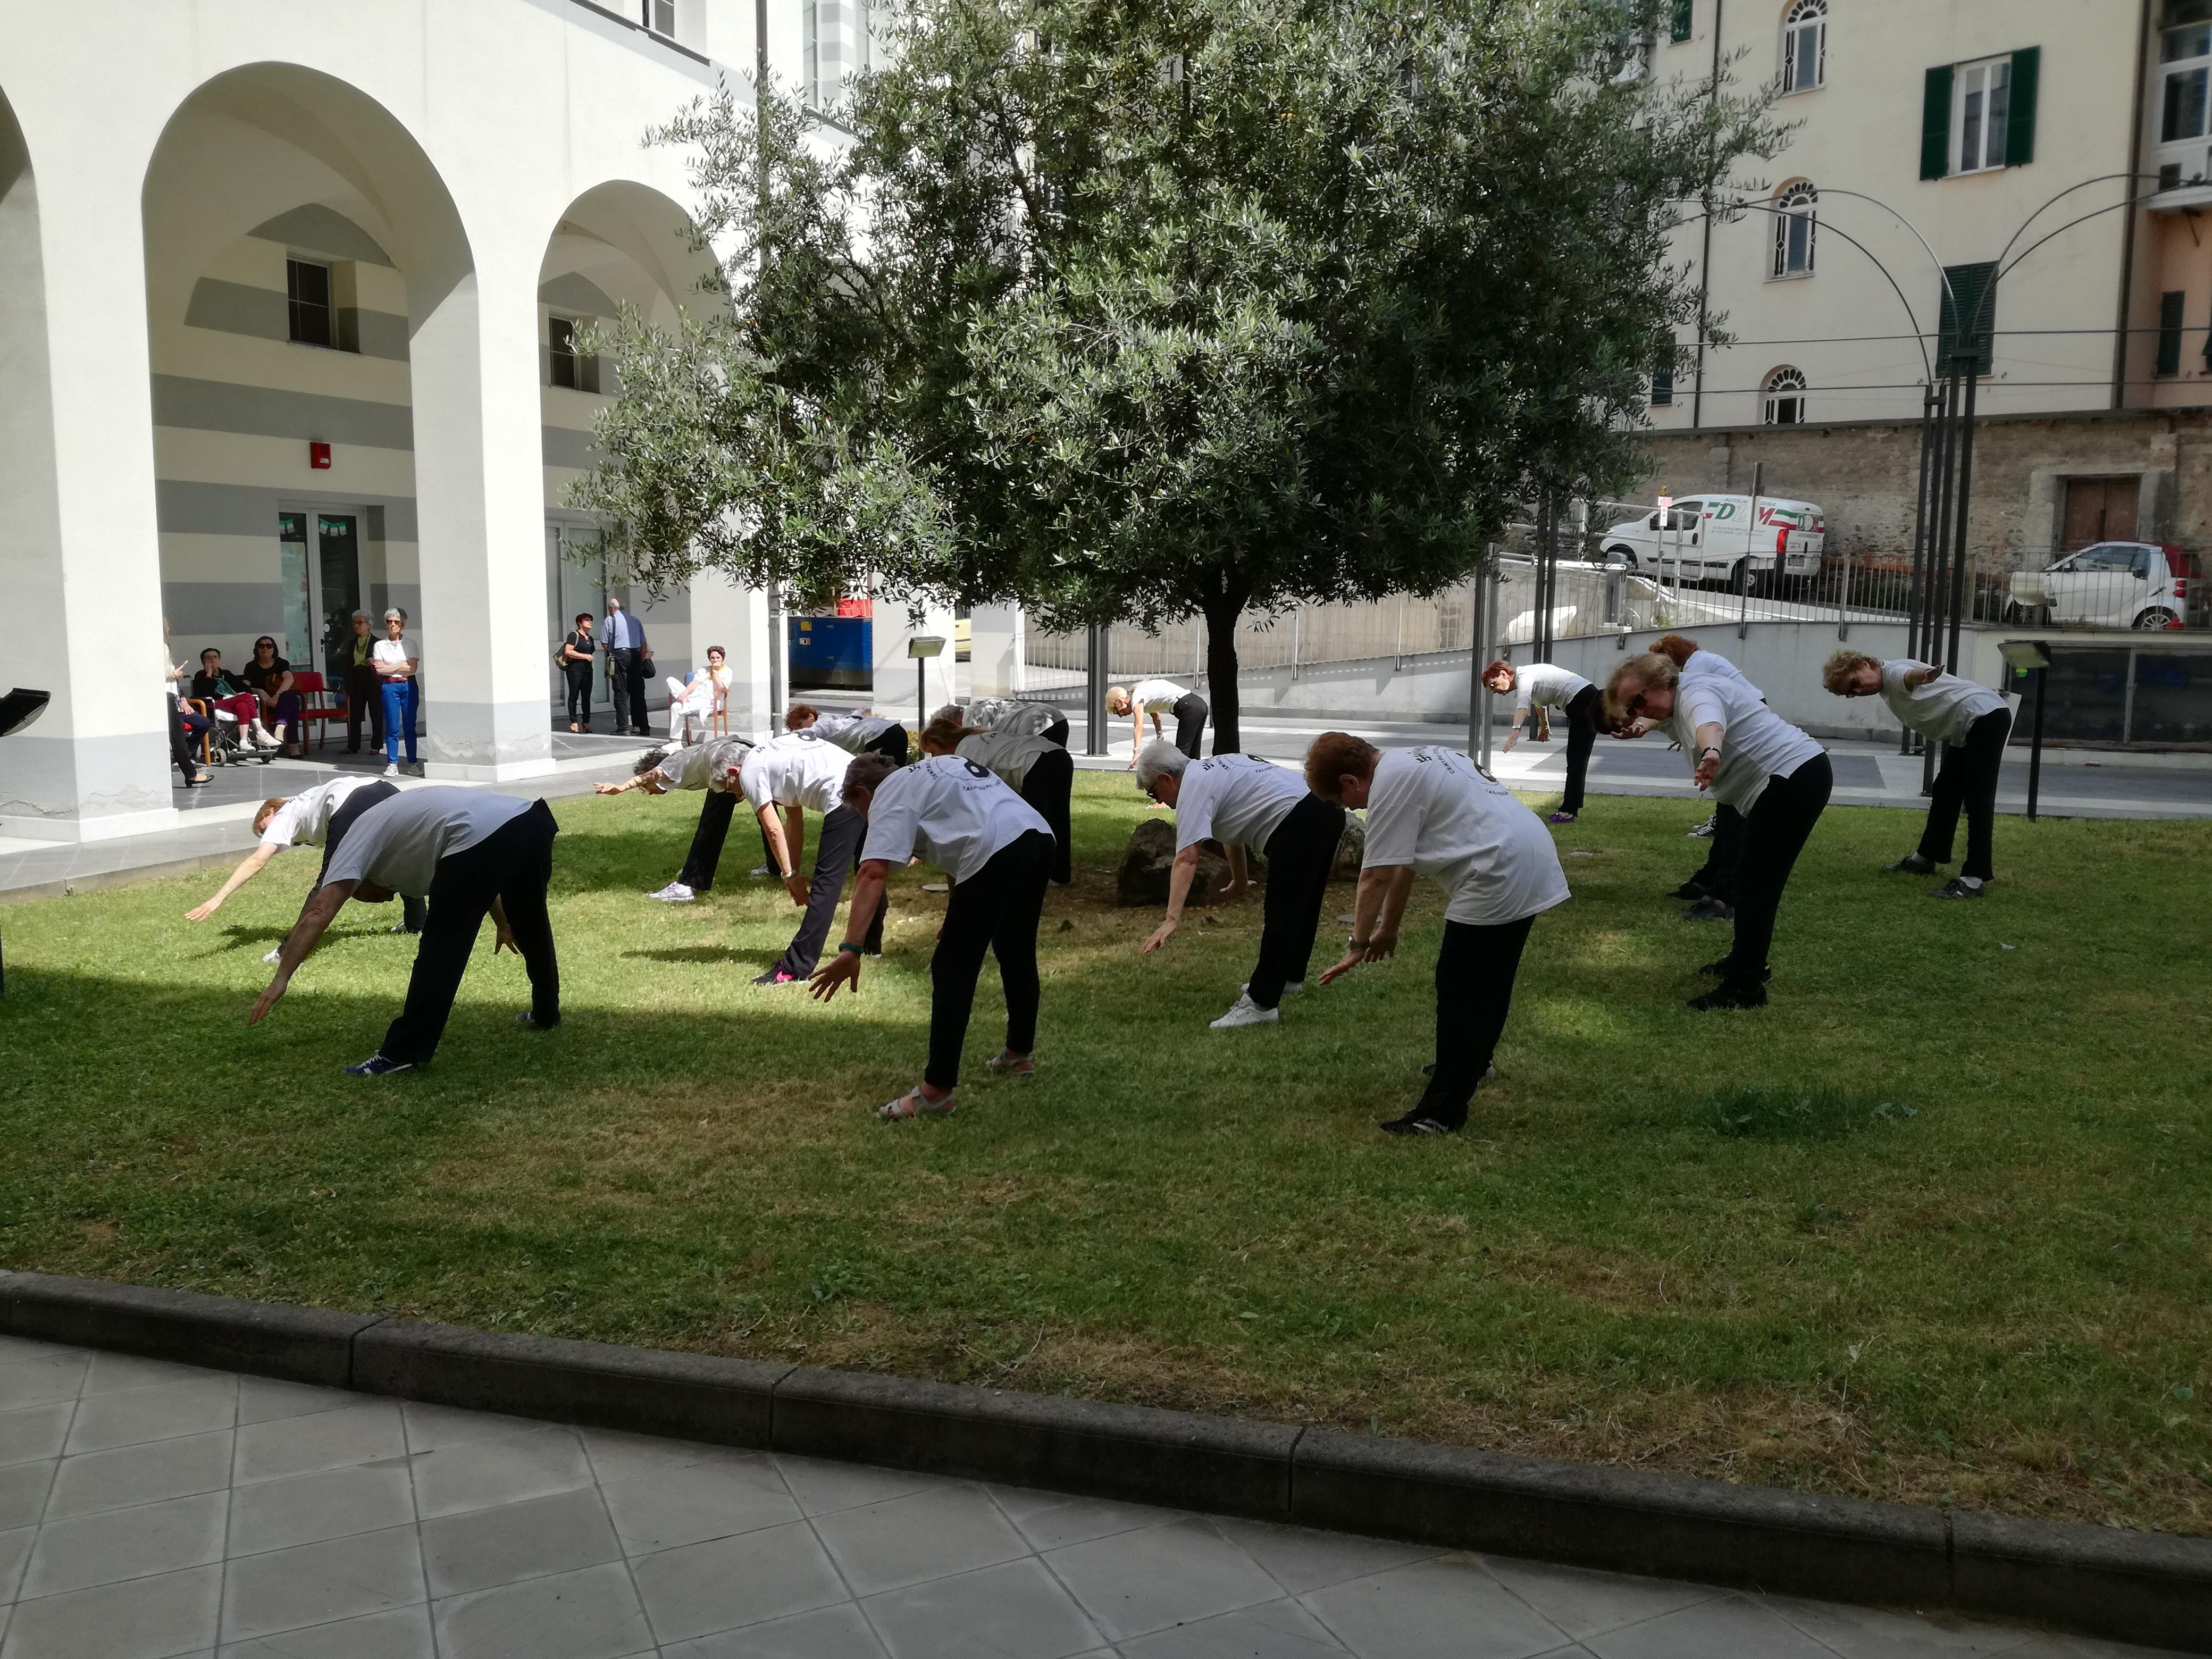 Esibizione Taijiquan Residenza Protetta Bagnasco - Opere Sociali Servizi Savona